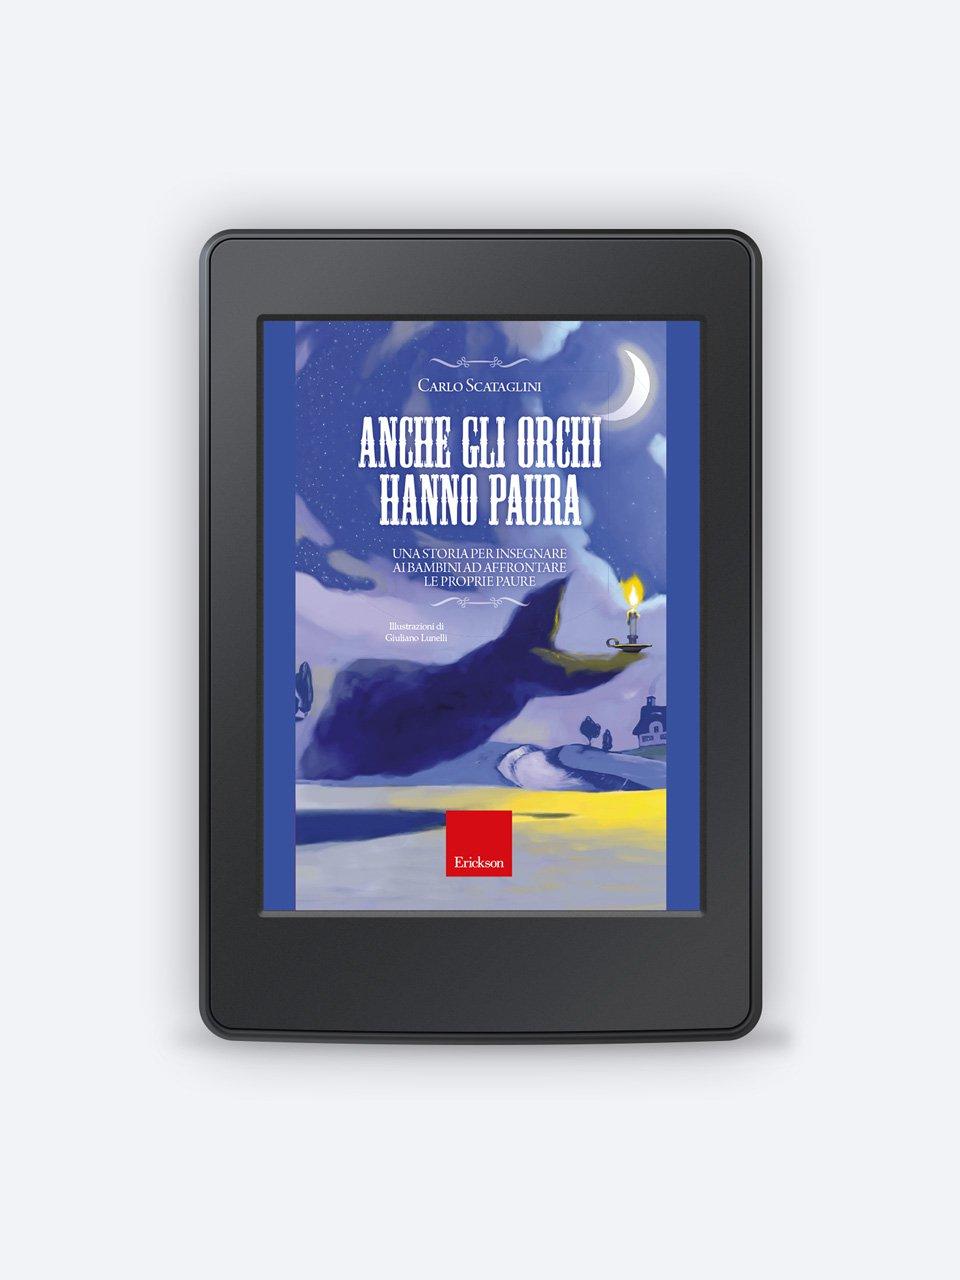 Anche gli orchi hanno paura - Raccontare storie aiuta i bambini - Libri - Erickson